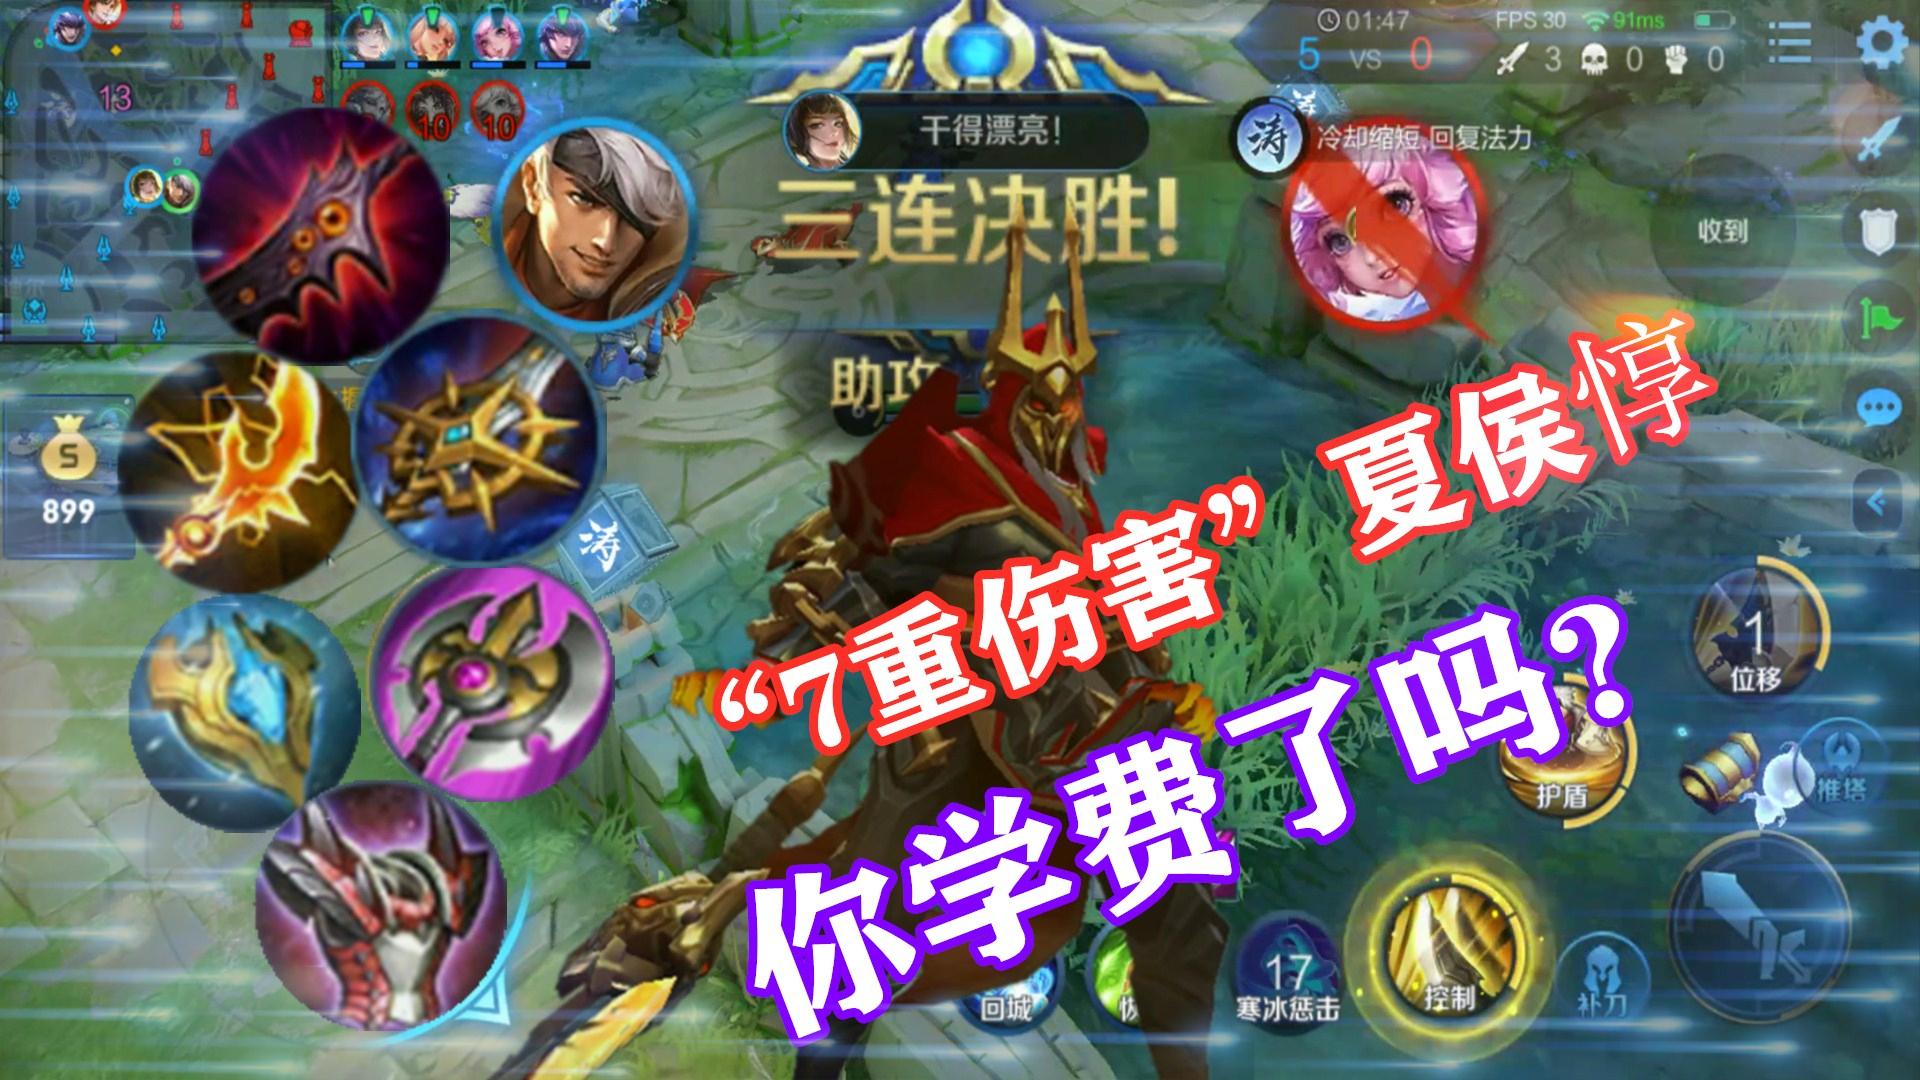 王者荣耀:最全能的战士,开局直接拿下三杀,舒服!